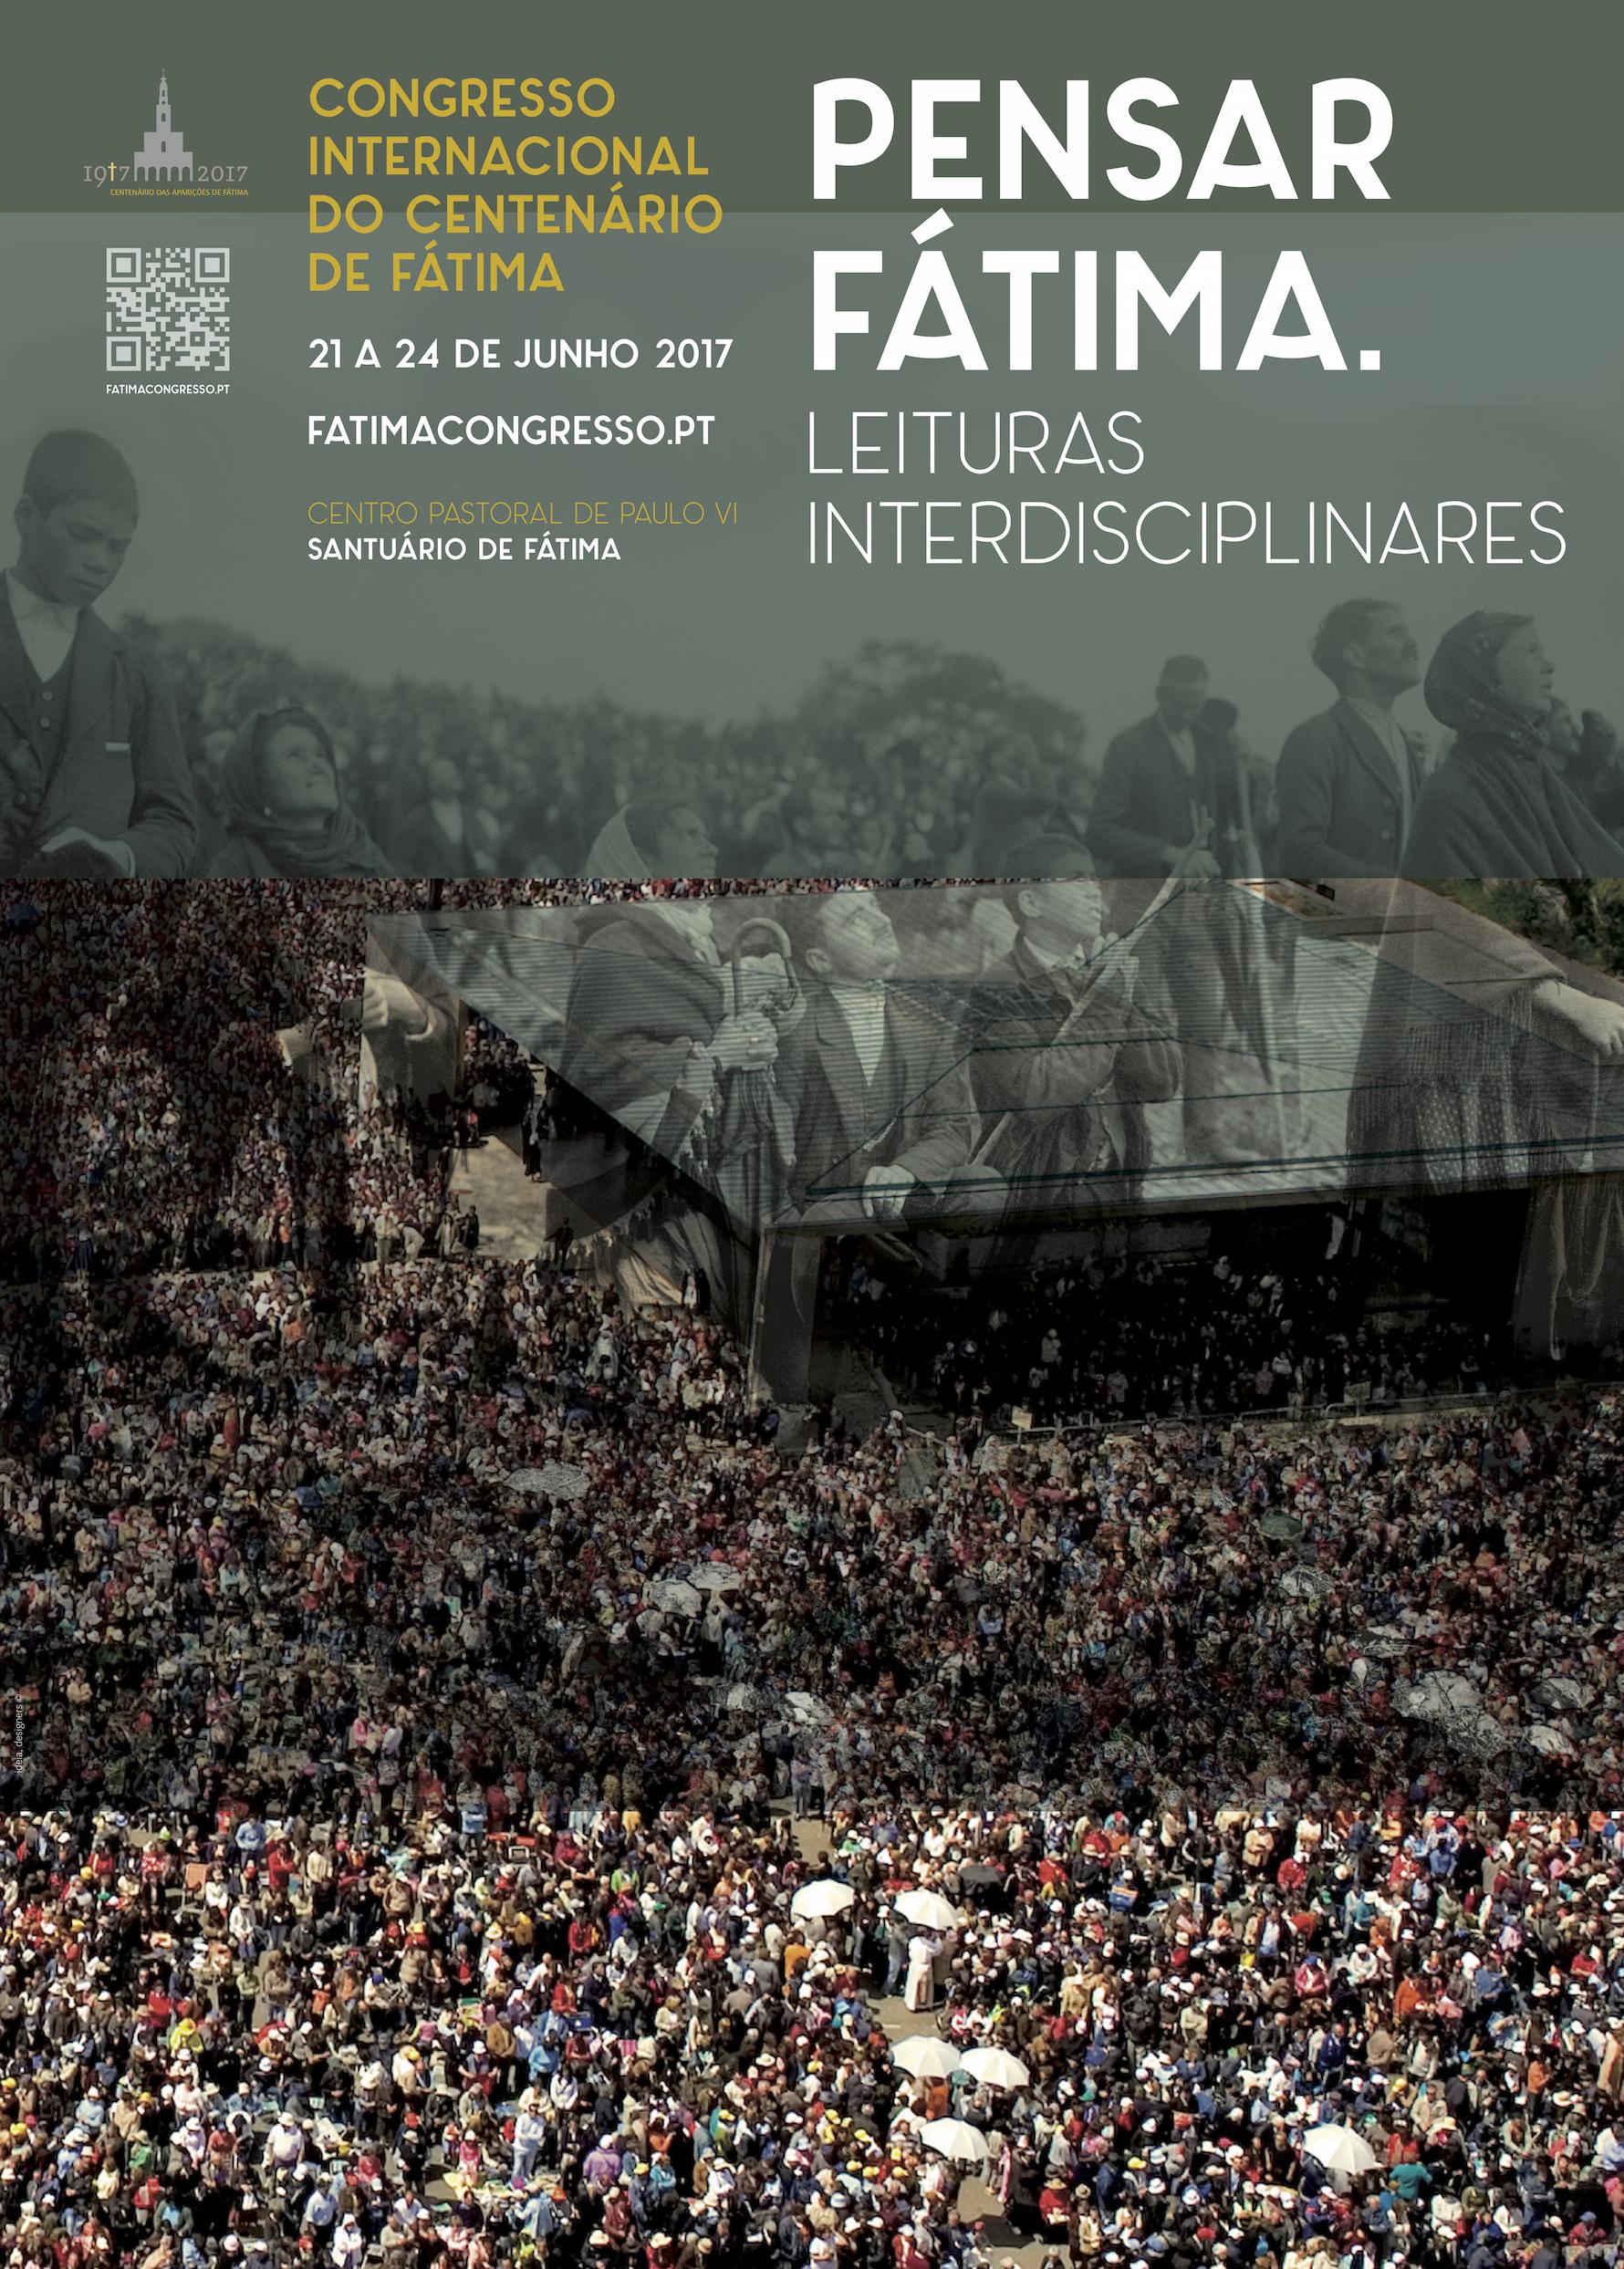 Congresso 2017 Pensar Fatima_cartaz PT.jpg